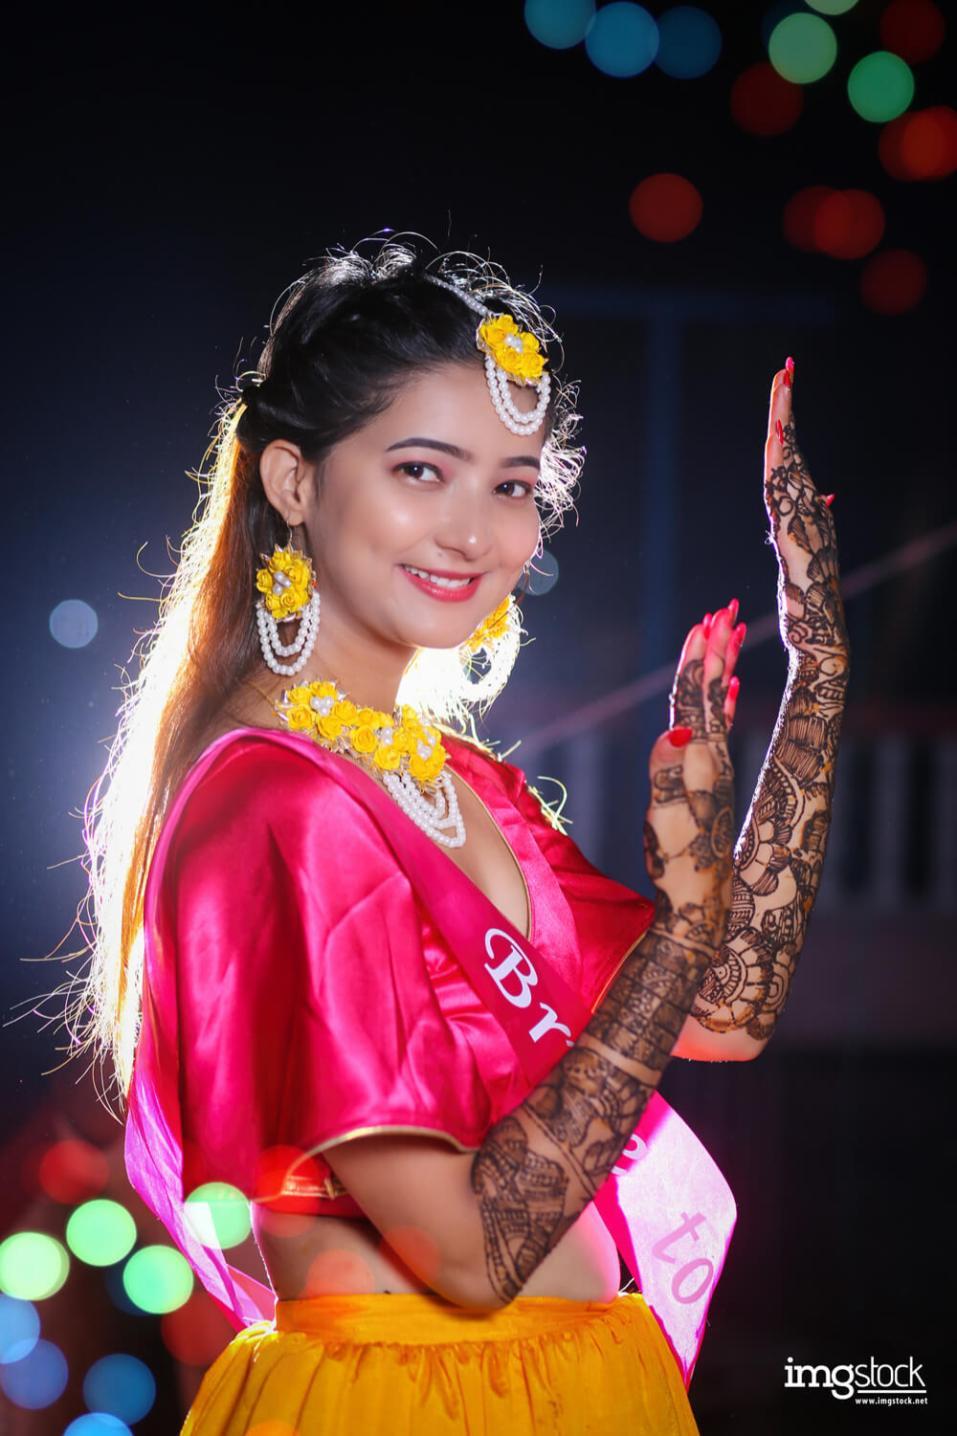 Sandhya Mehendi - Mehendi photoshoot, ImgStock